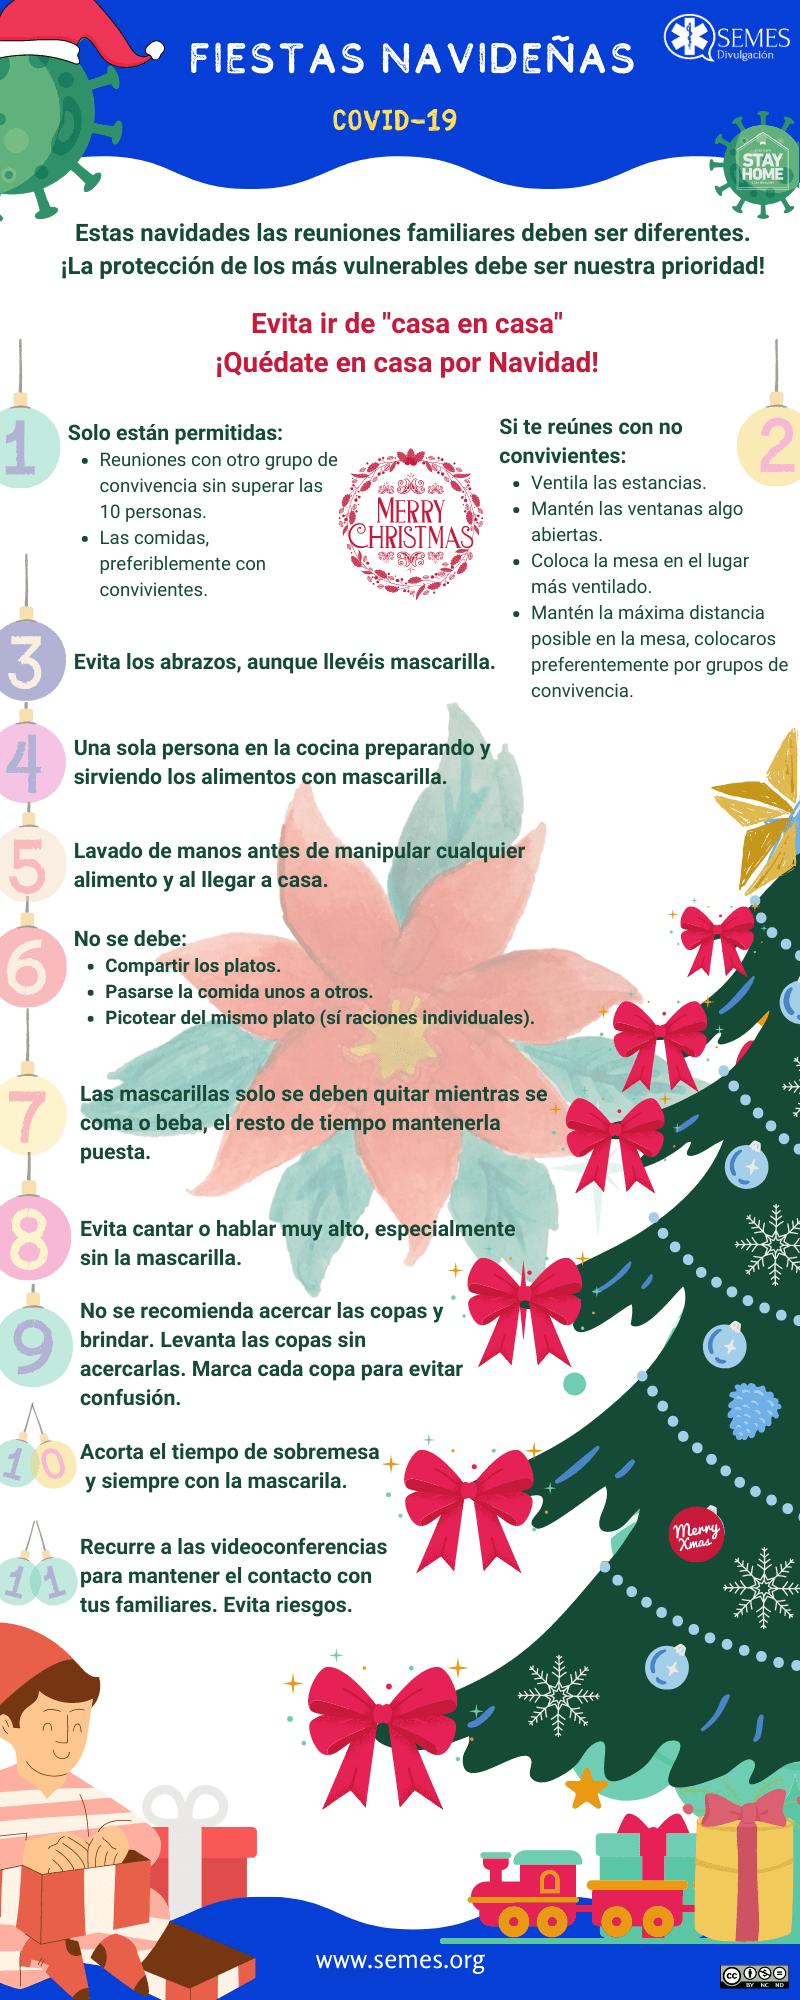 Fiestas Navideñas en época de Covid19